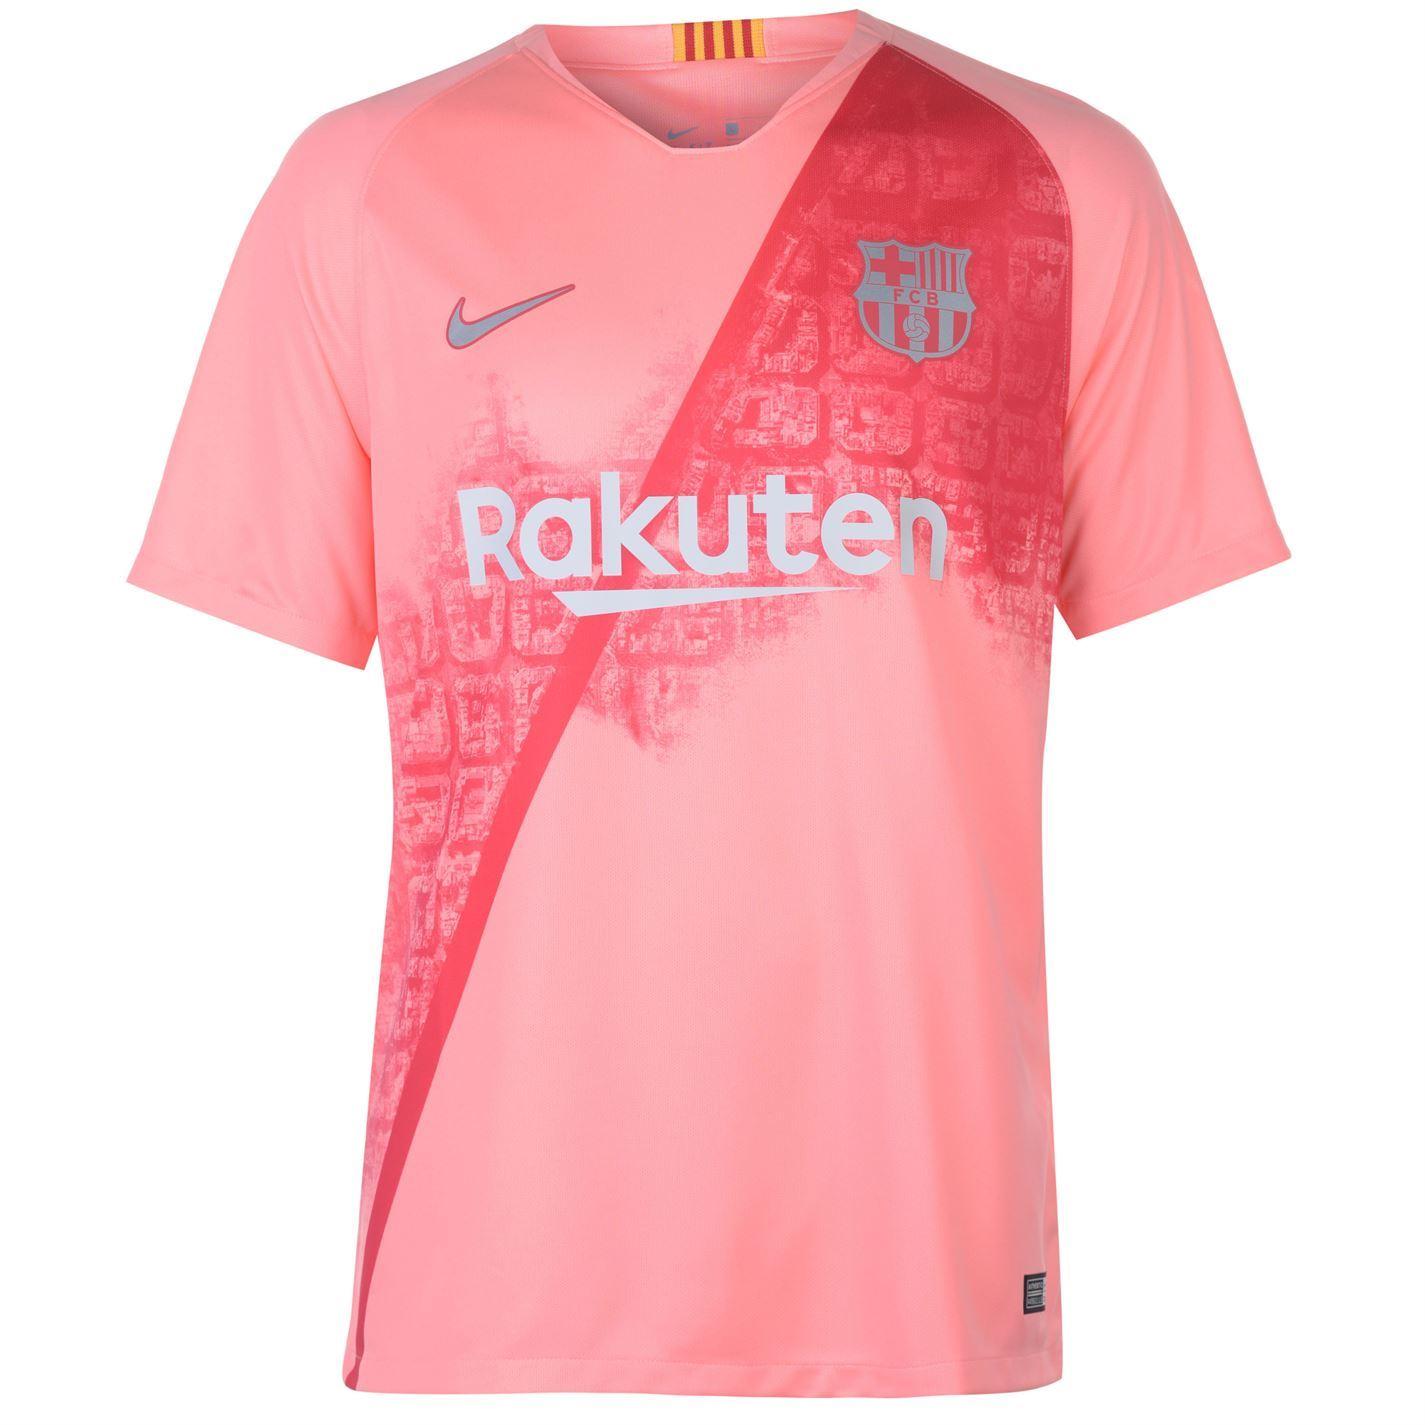 sale retailer d212d 0473d Nike Barcelona Third Jersey 2018 2019 Mens Pink/Silver ...